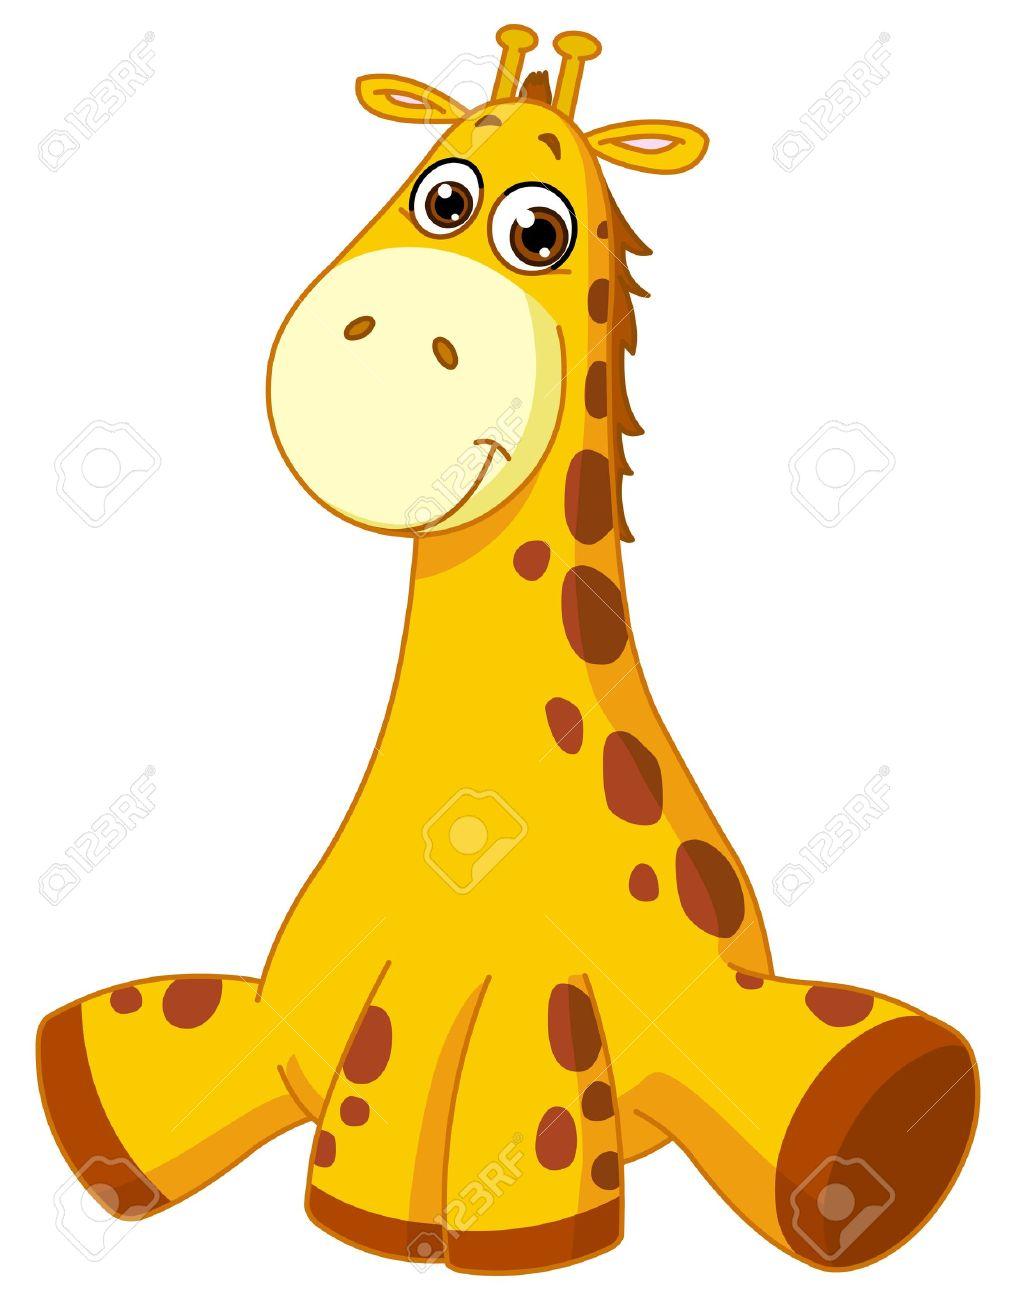 hight resolution of baby giraffe illustration